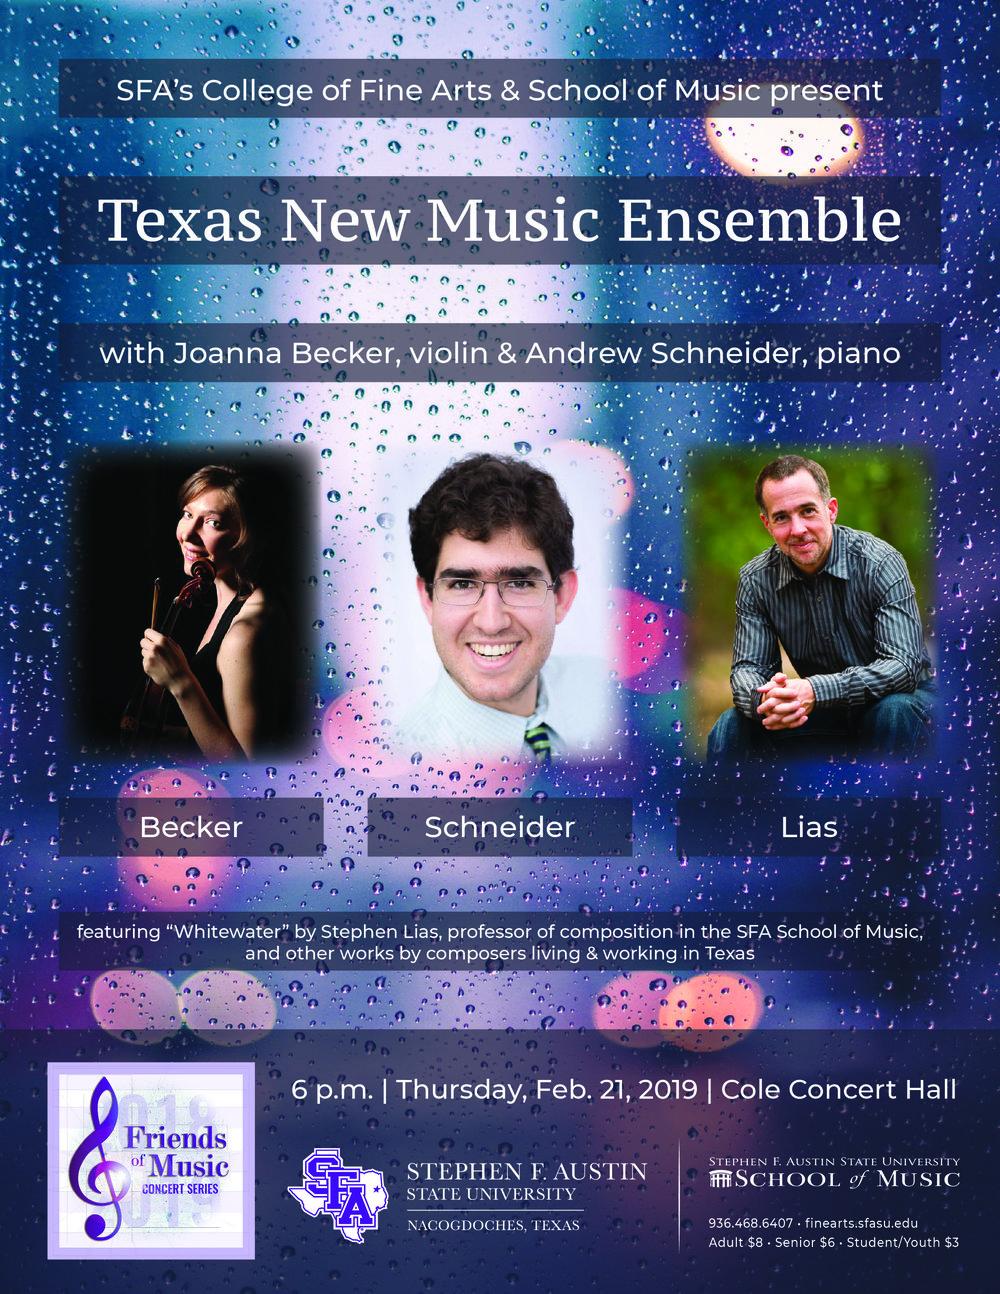 TexasNewMusicEnsemble-01.jpg